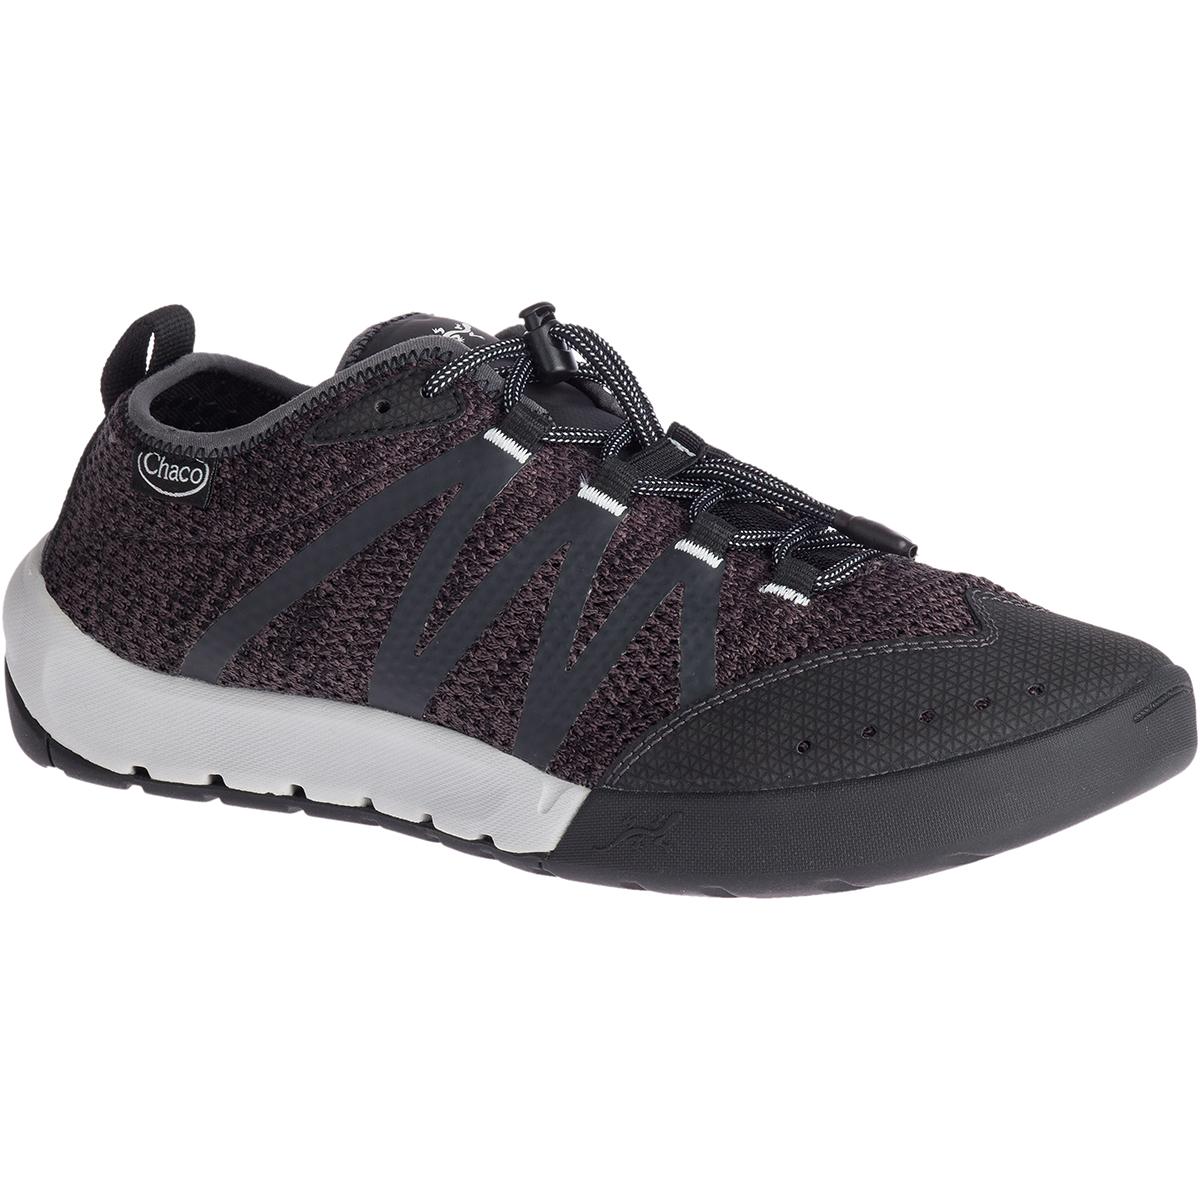 Chaco Men's Torrent Pro Water Shoe - Black, 10